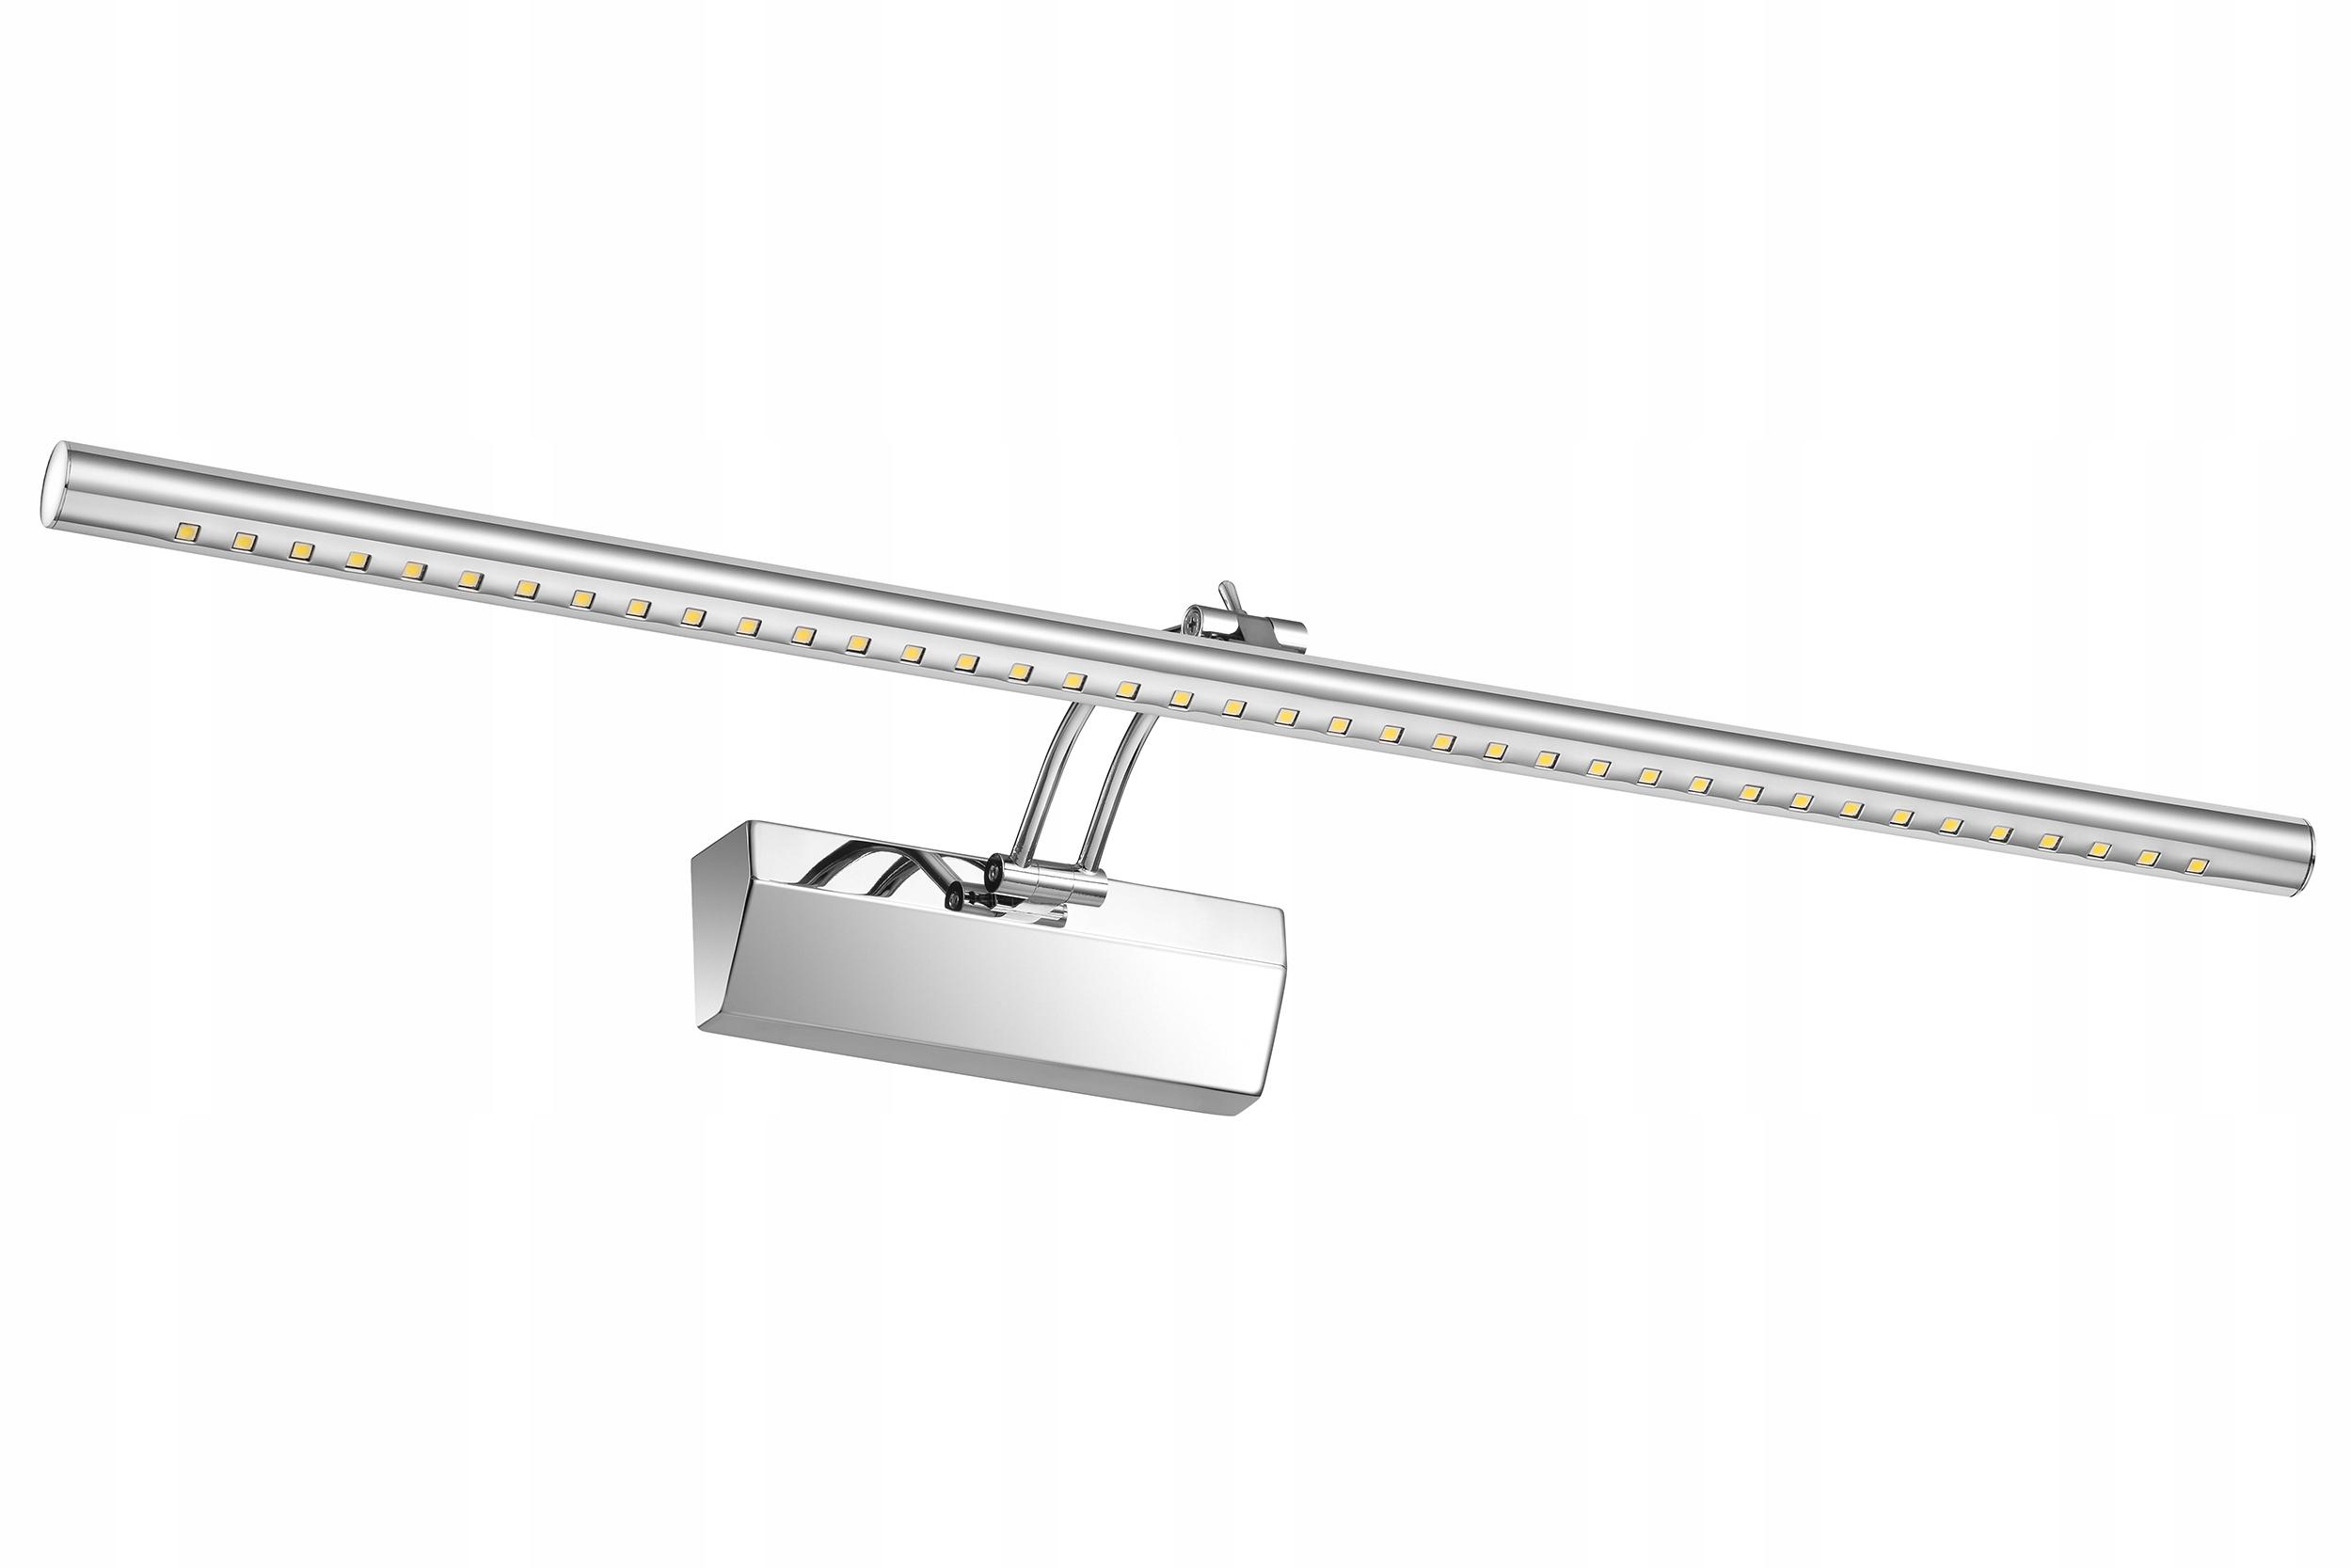 Kinkiet Led łazienkowy Lampa Nad Lustro 7w 50 Cm 7259500814